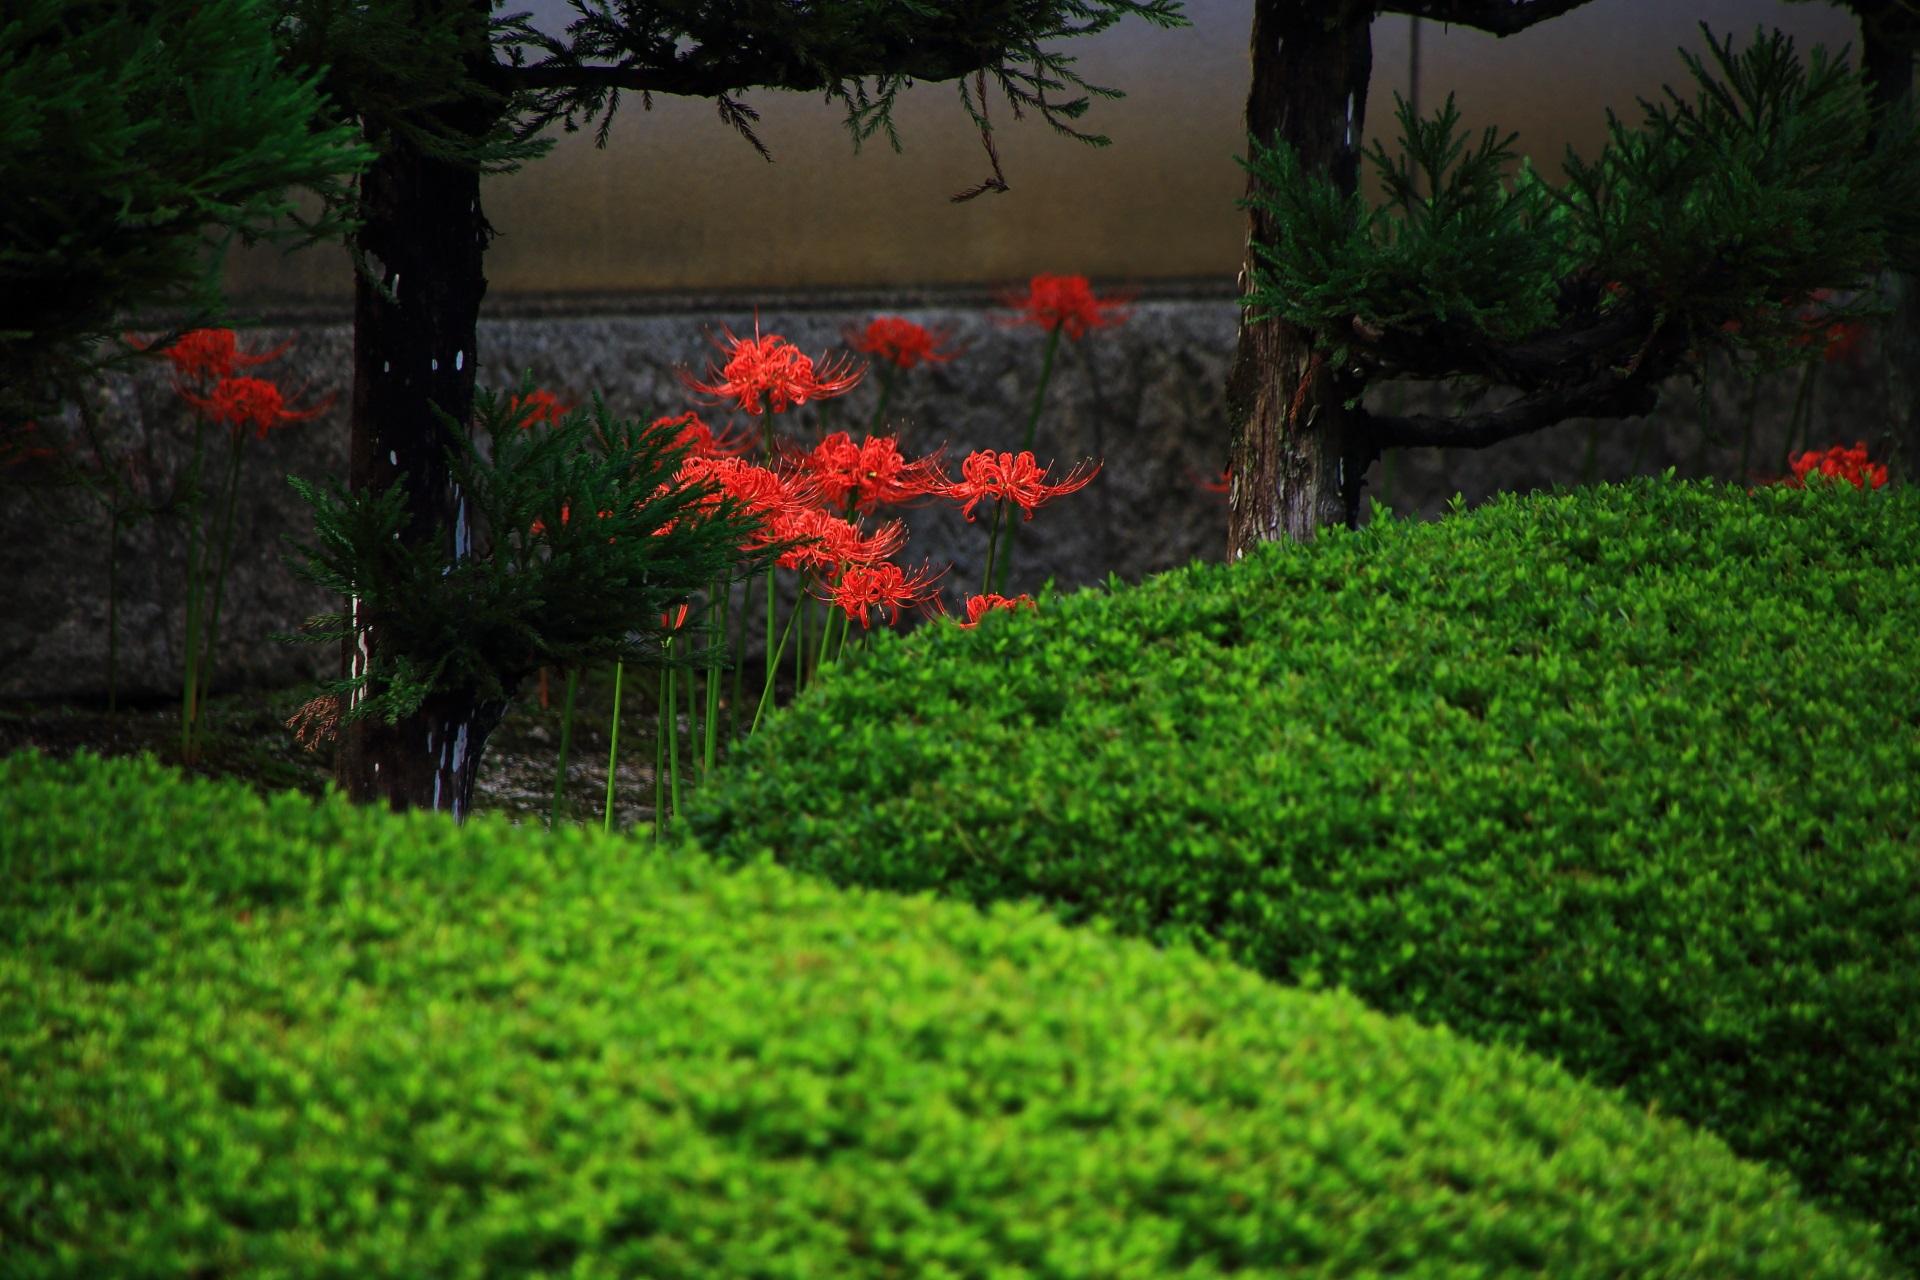 サツキの緑と彼岸花の赤の綺麗なコントラスト